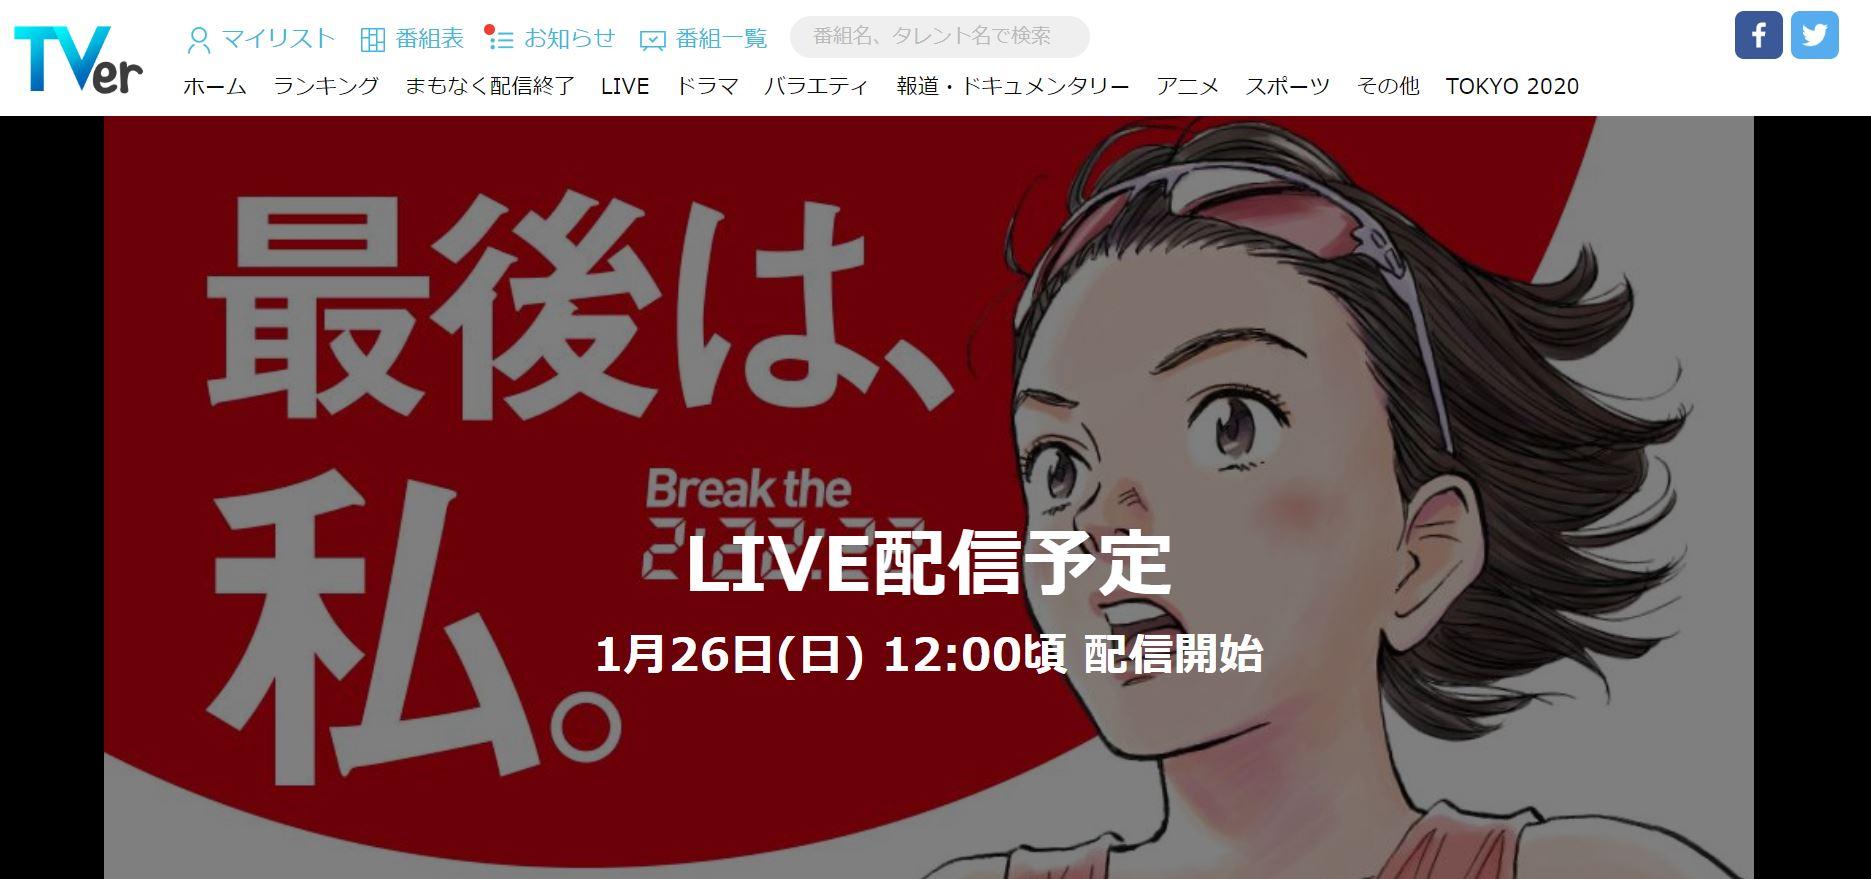 大阪国際女子マラソン_TVer